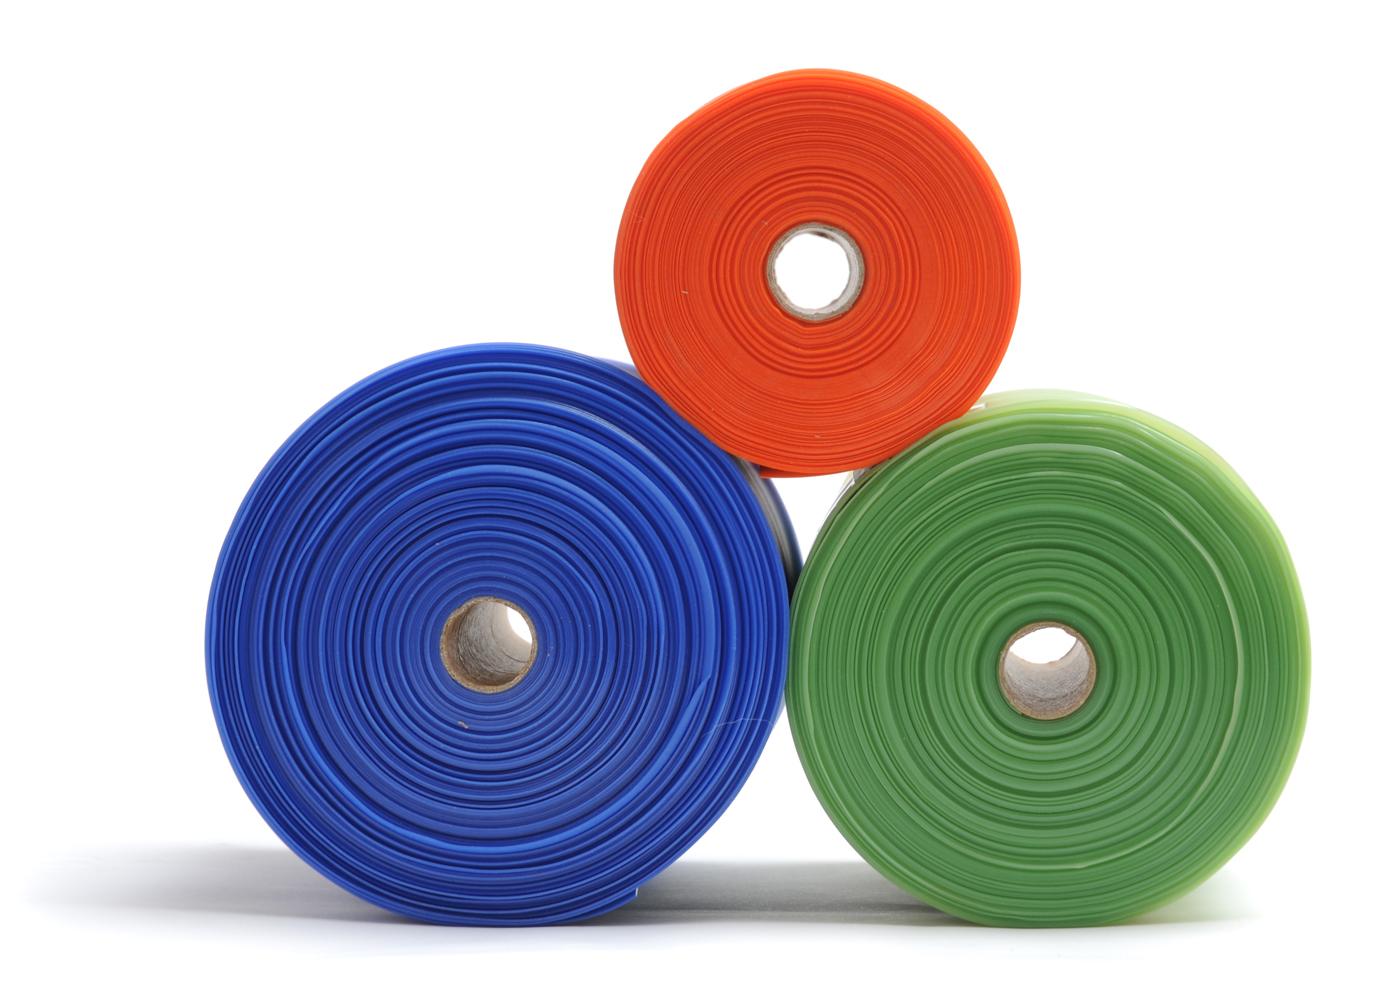 Banda elástica para pilates, sin látex, rollo de 25 m